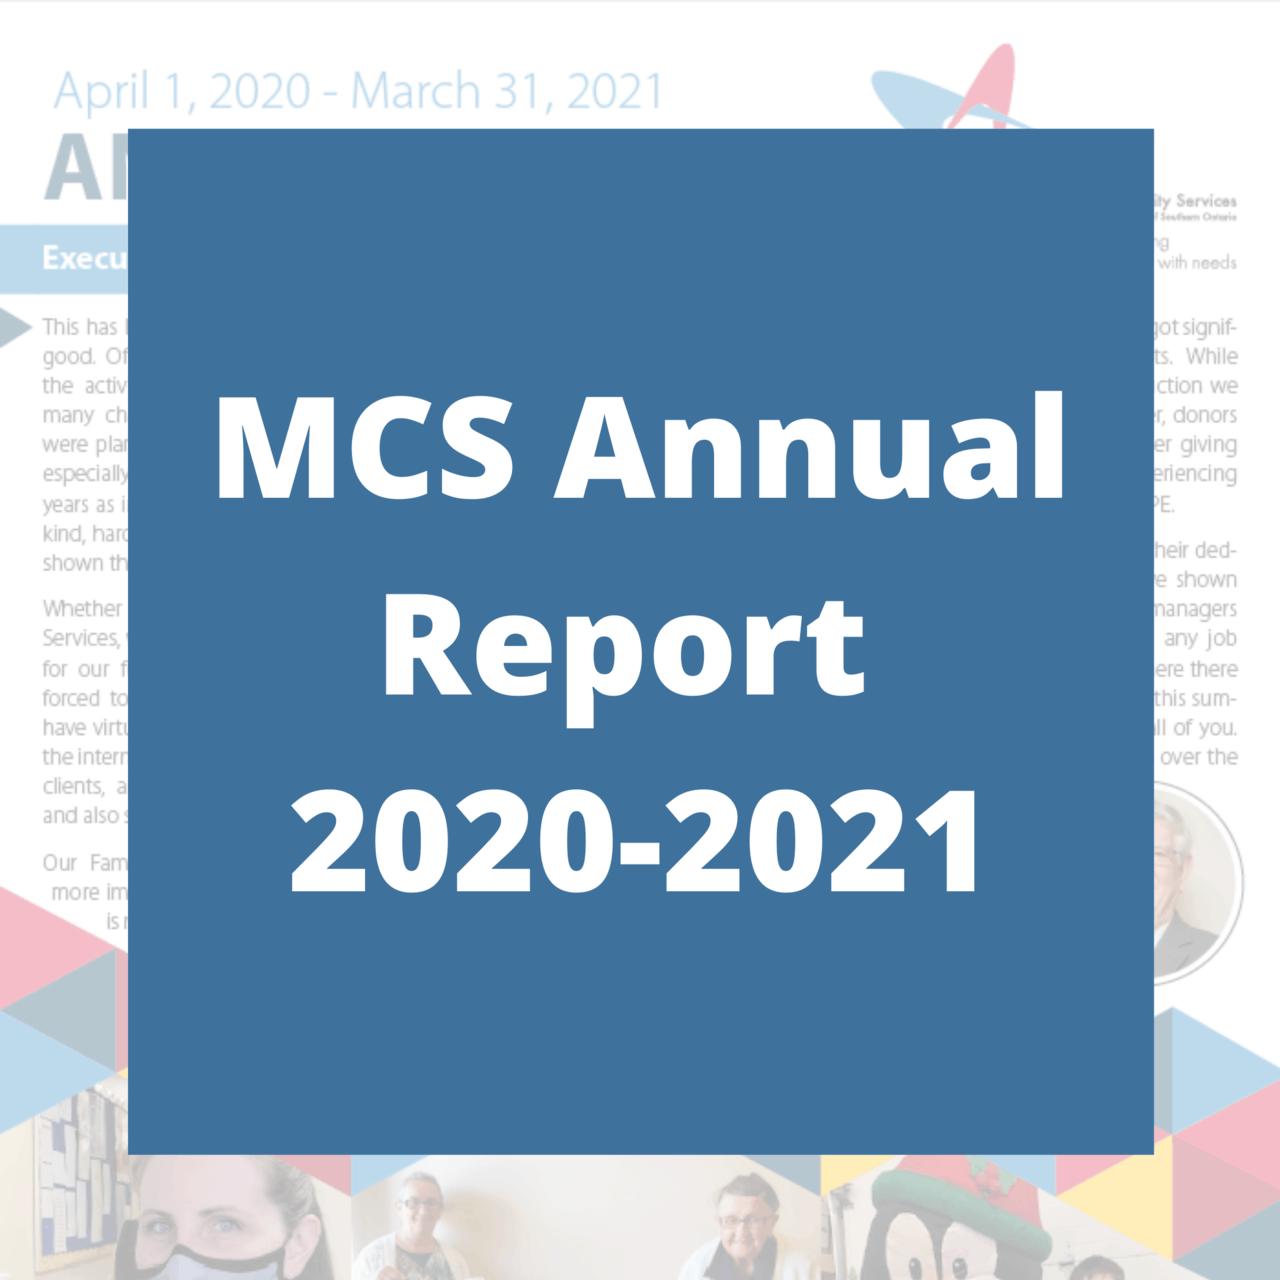 MCS Annual Report 2020-2021